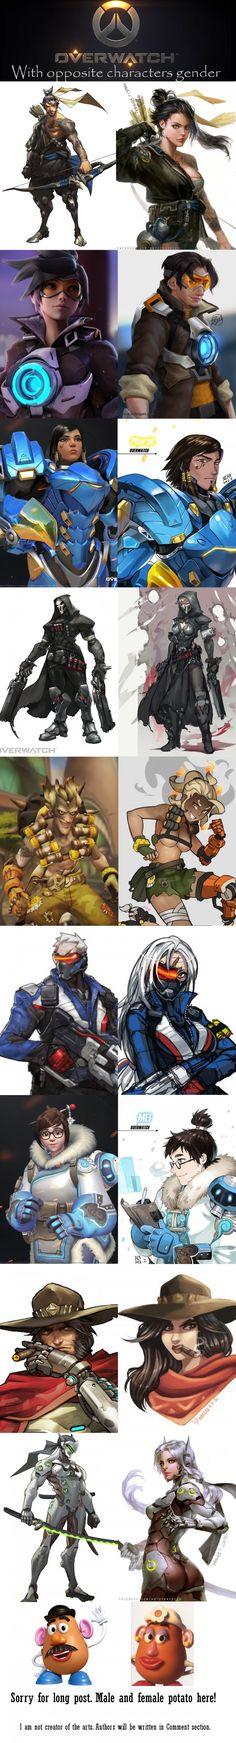 Overwatch characters in opposite gender!